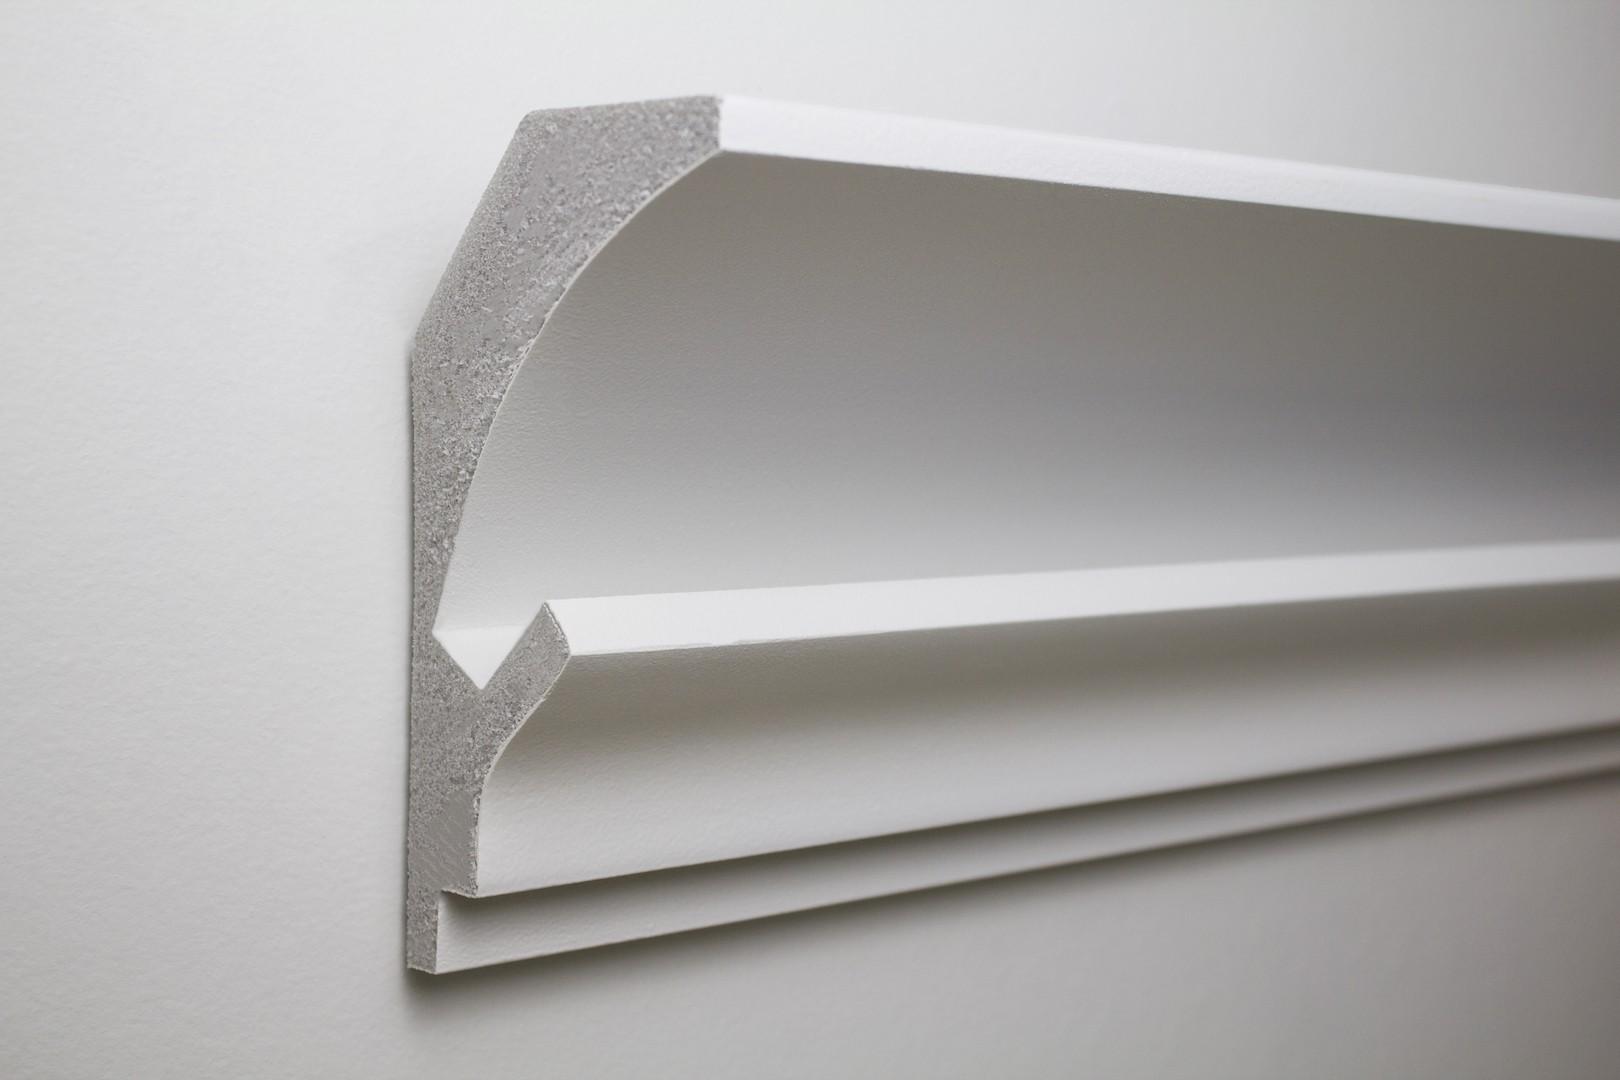 1 15 meter led stuckleiste f r indirekte beleuchtung xps 150x90 kd202 led rigipsprofile. Black Bedroom Furniture Sets. Home Design Ideas